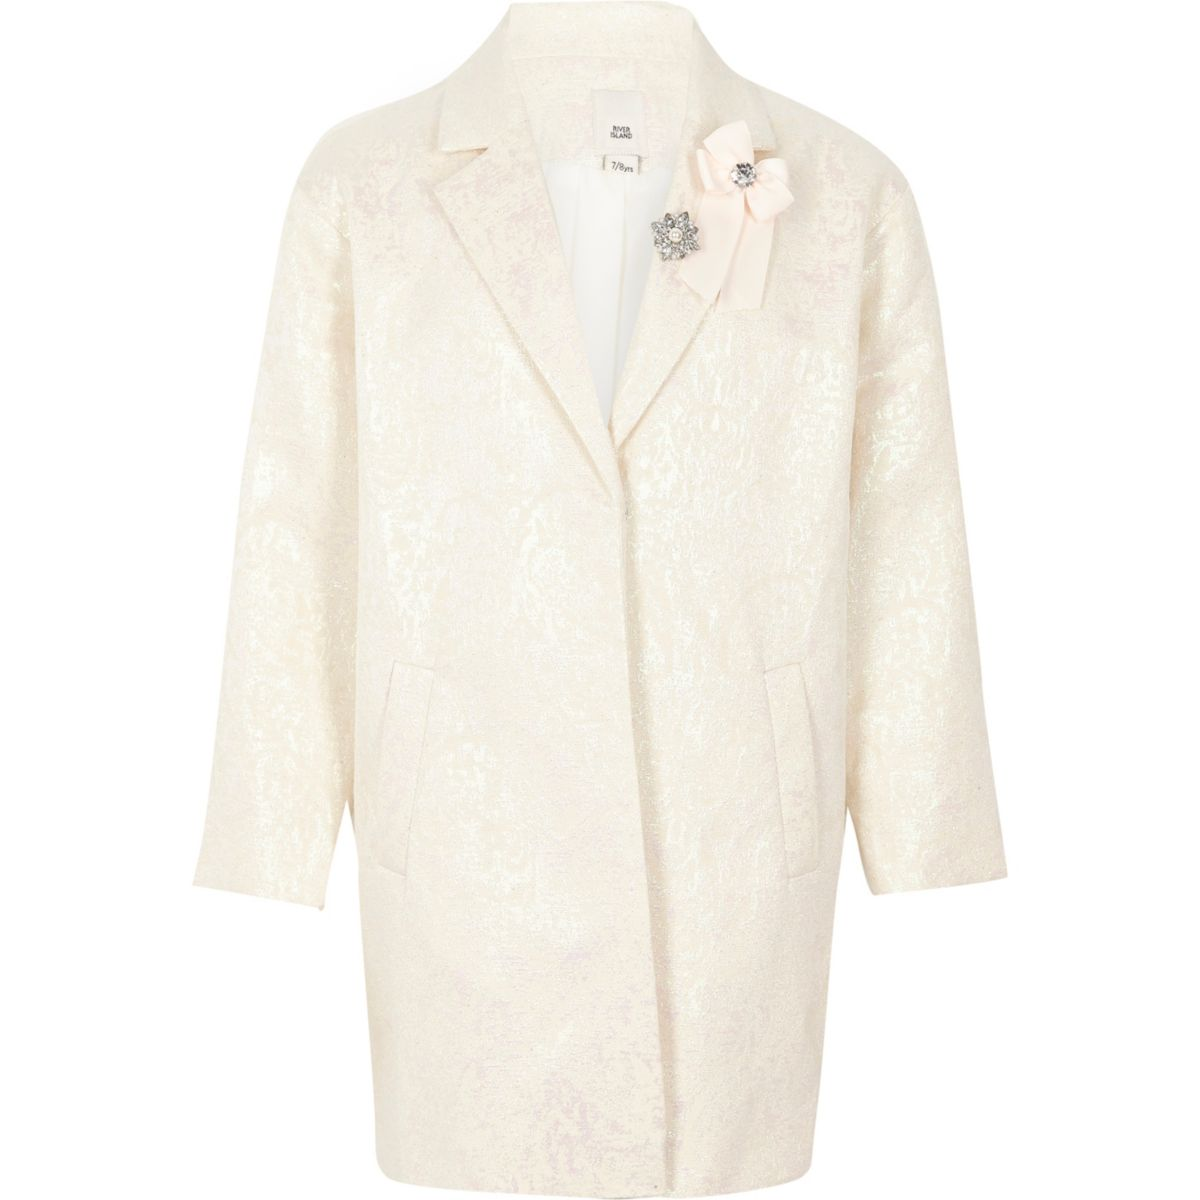 Manteau blanc jacquard iridescent avec broche pour fille